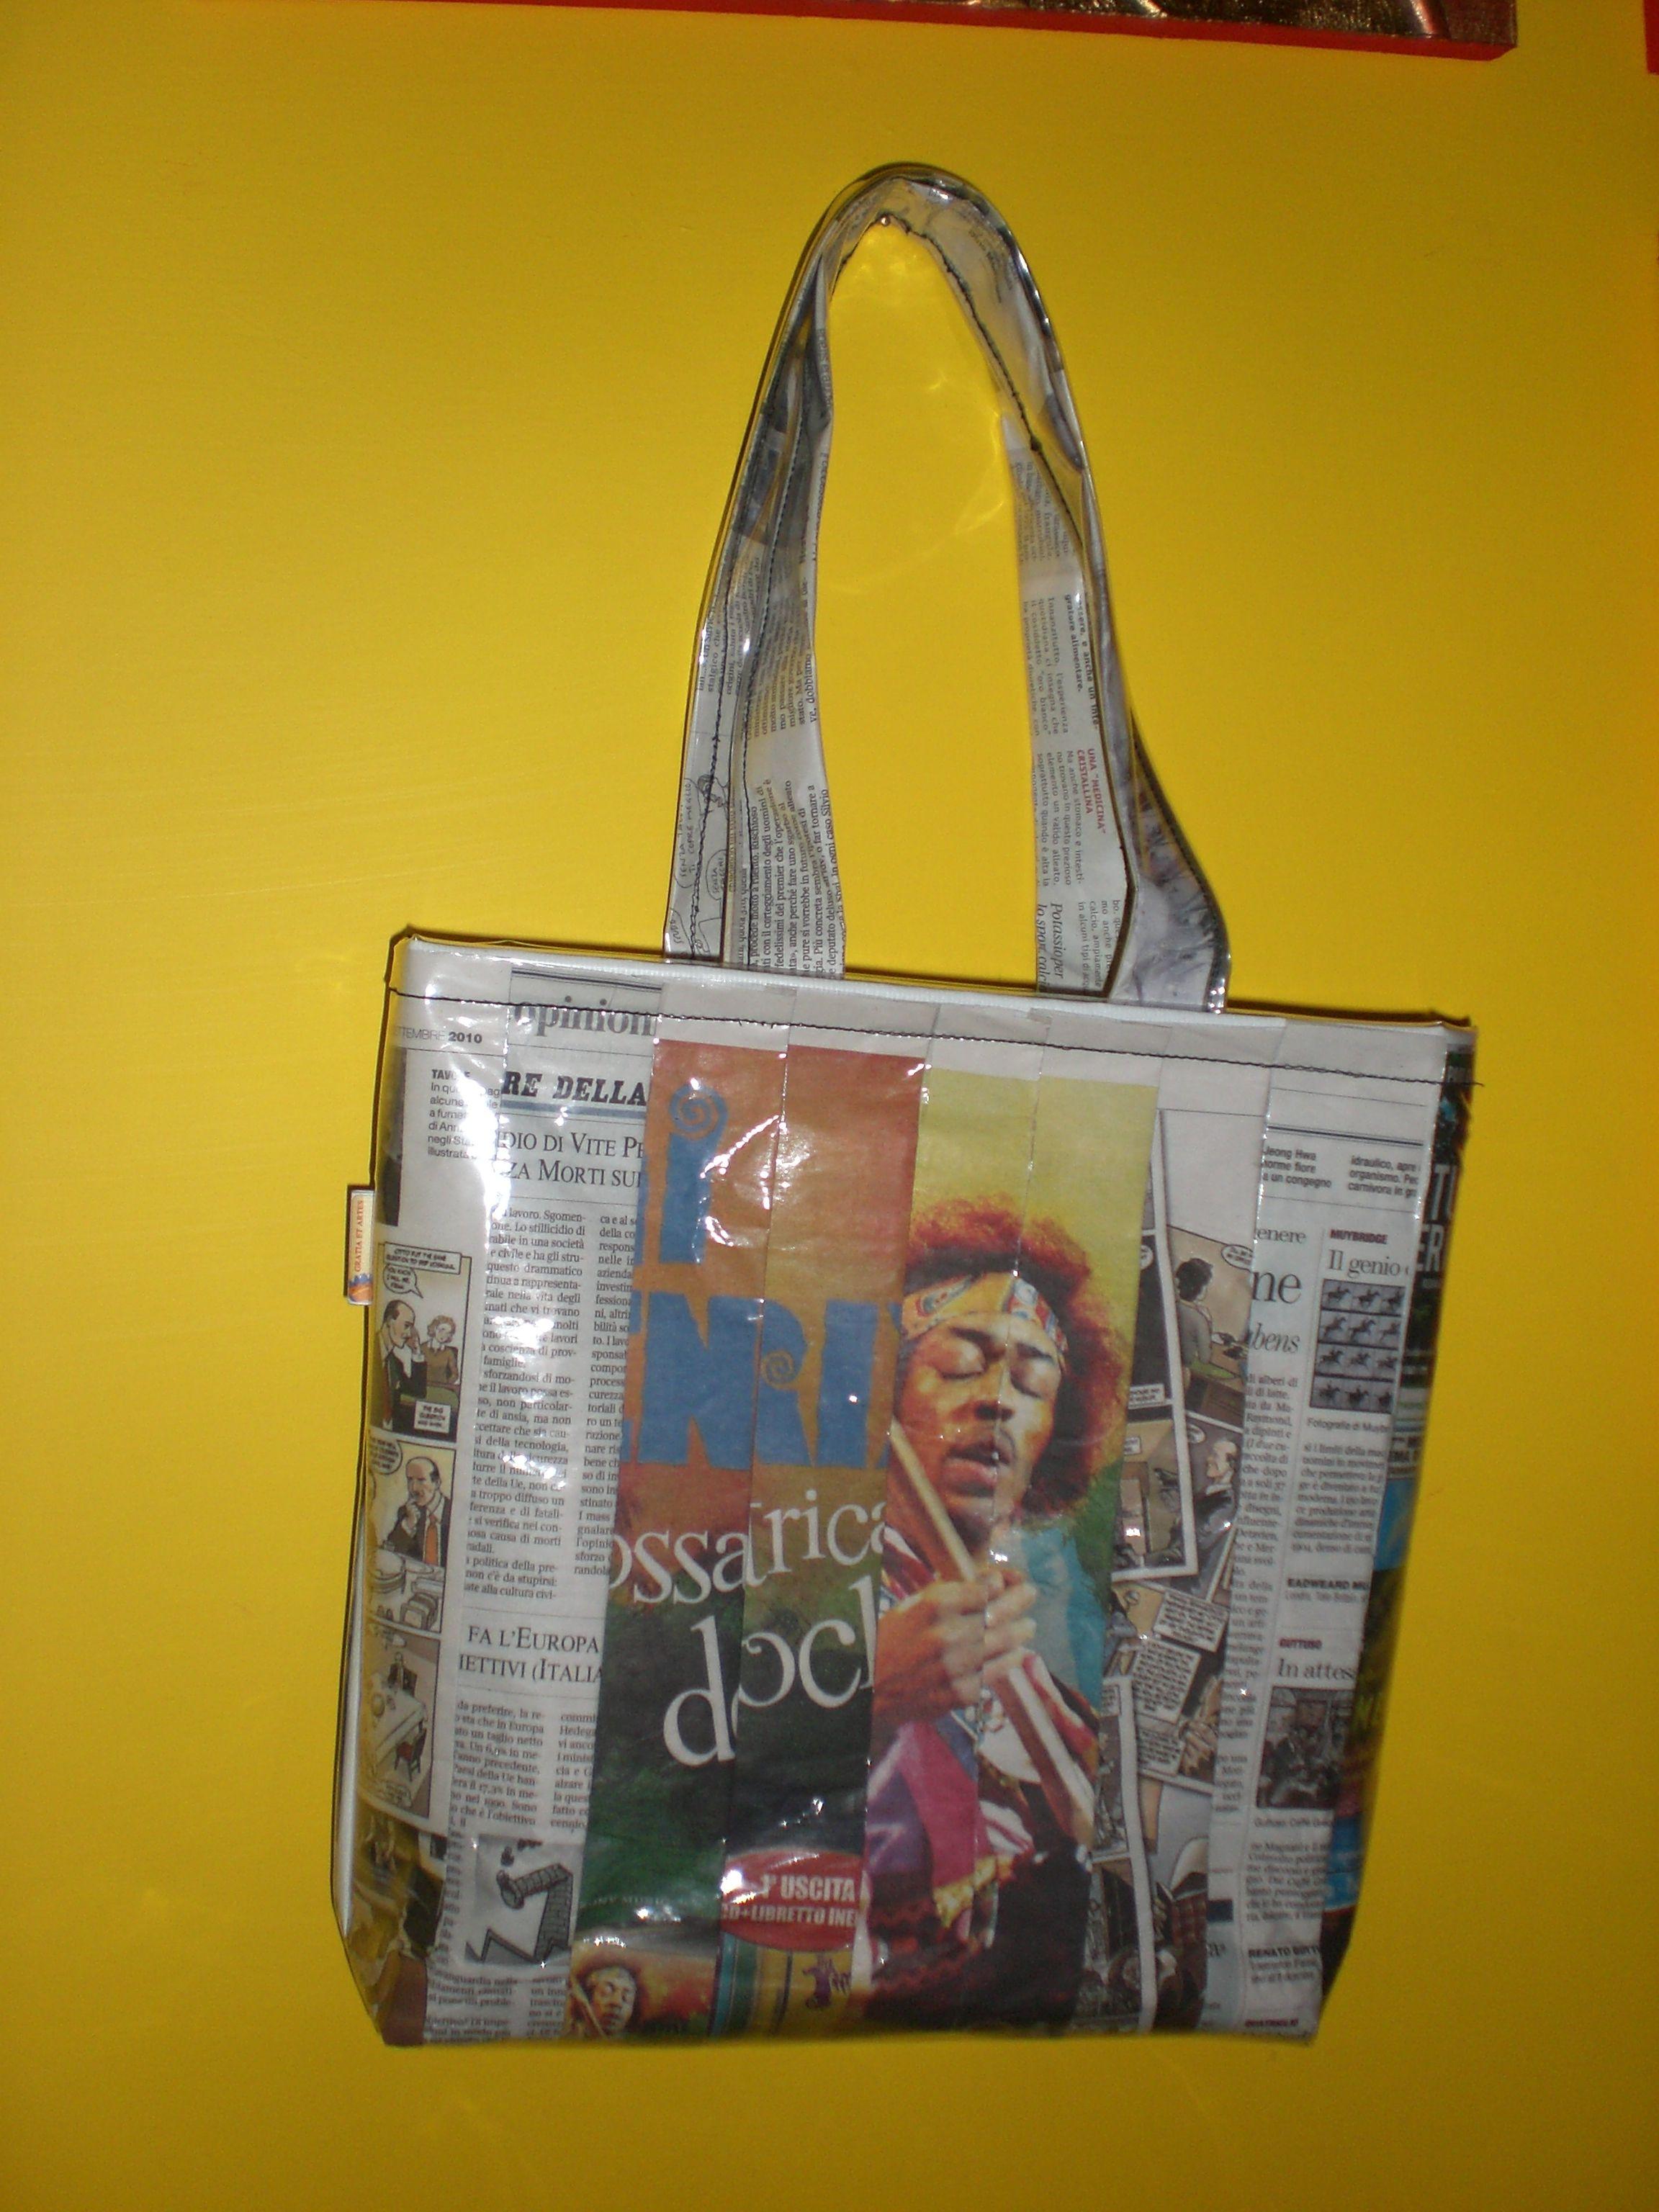 Borsa intrecci di carta, shopper con quotidiani #soreadystyle #riciclo #pvc #bag #banner #quotidiani - di So.Ready Lab - soreadylab.etsy.com